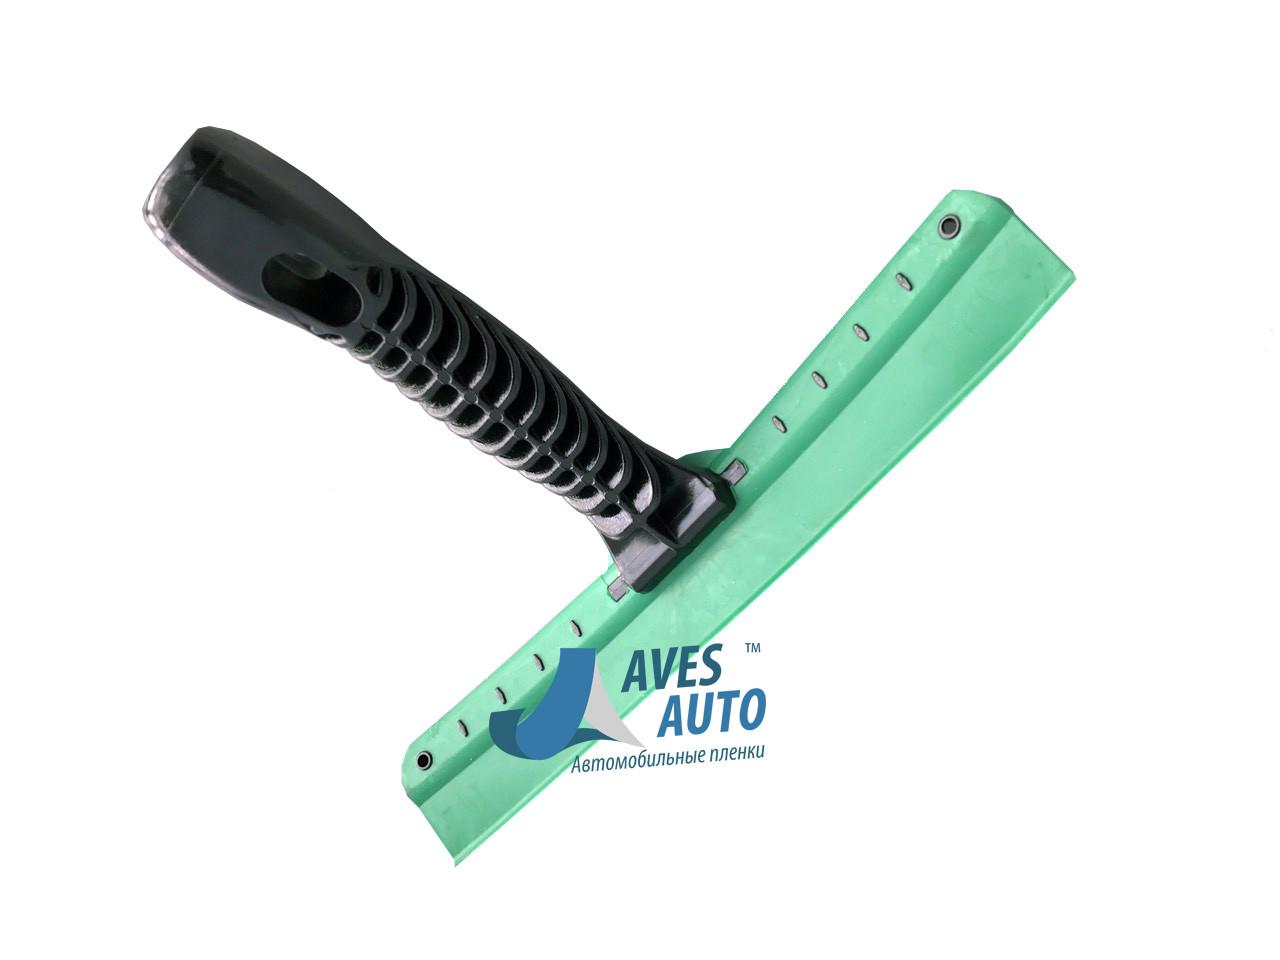 Сгон профессиональный с ручкой для удаления воды - Vikan Wipe-n-Shine 45 см. (707952)